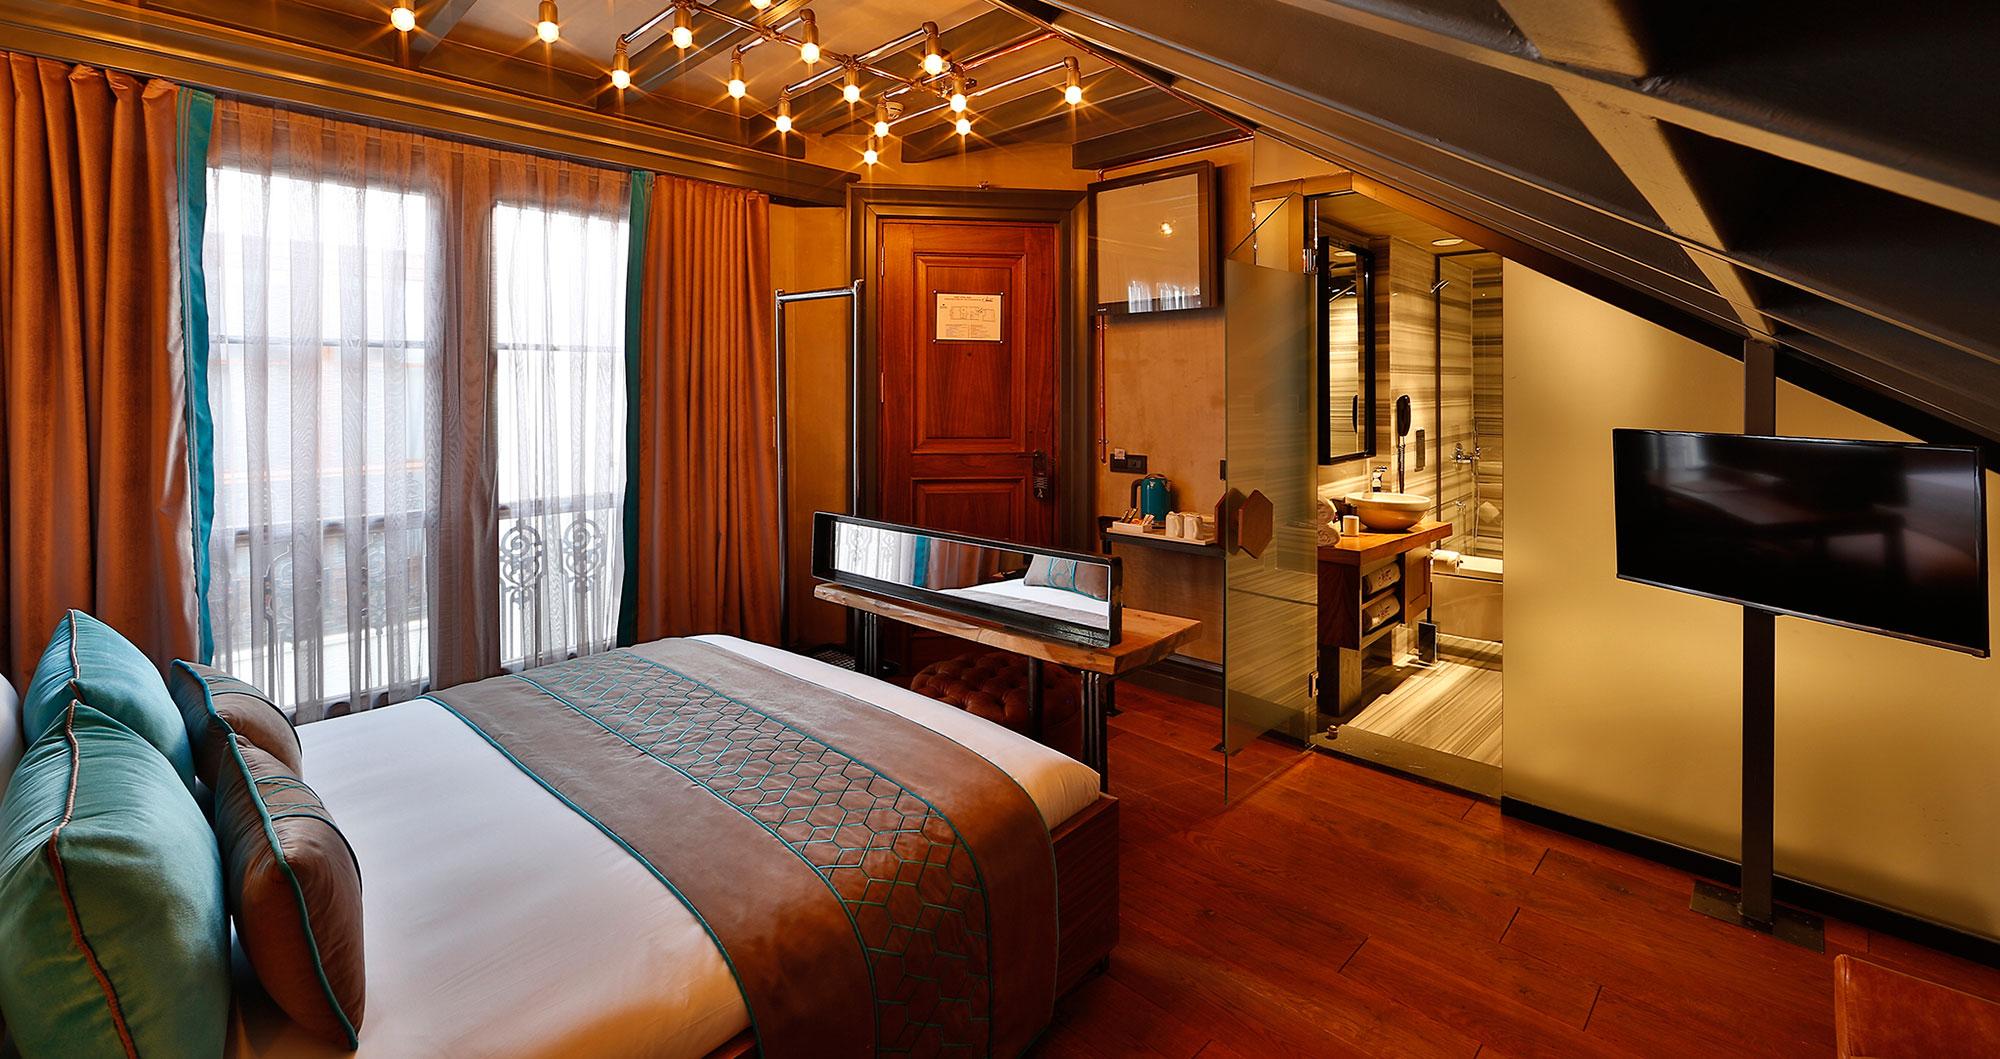 هتل سانتا پرا استانبول